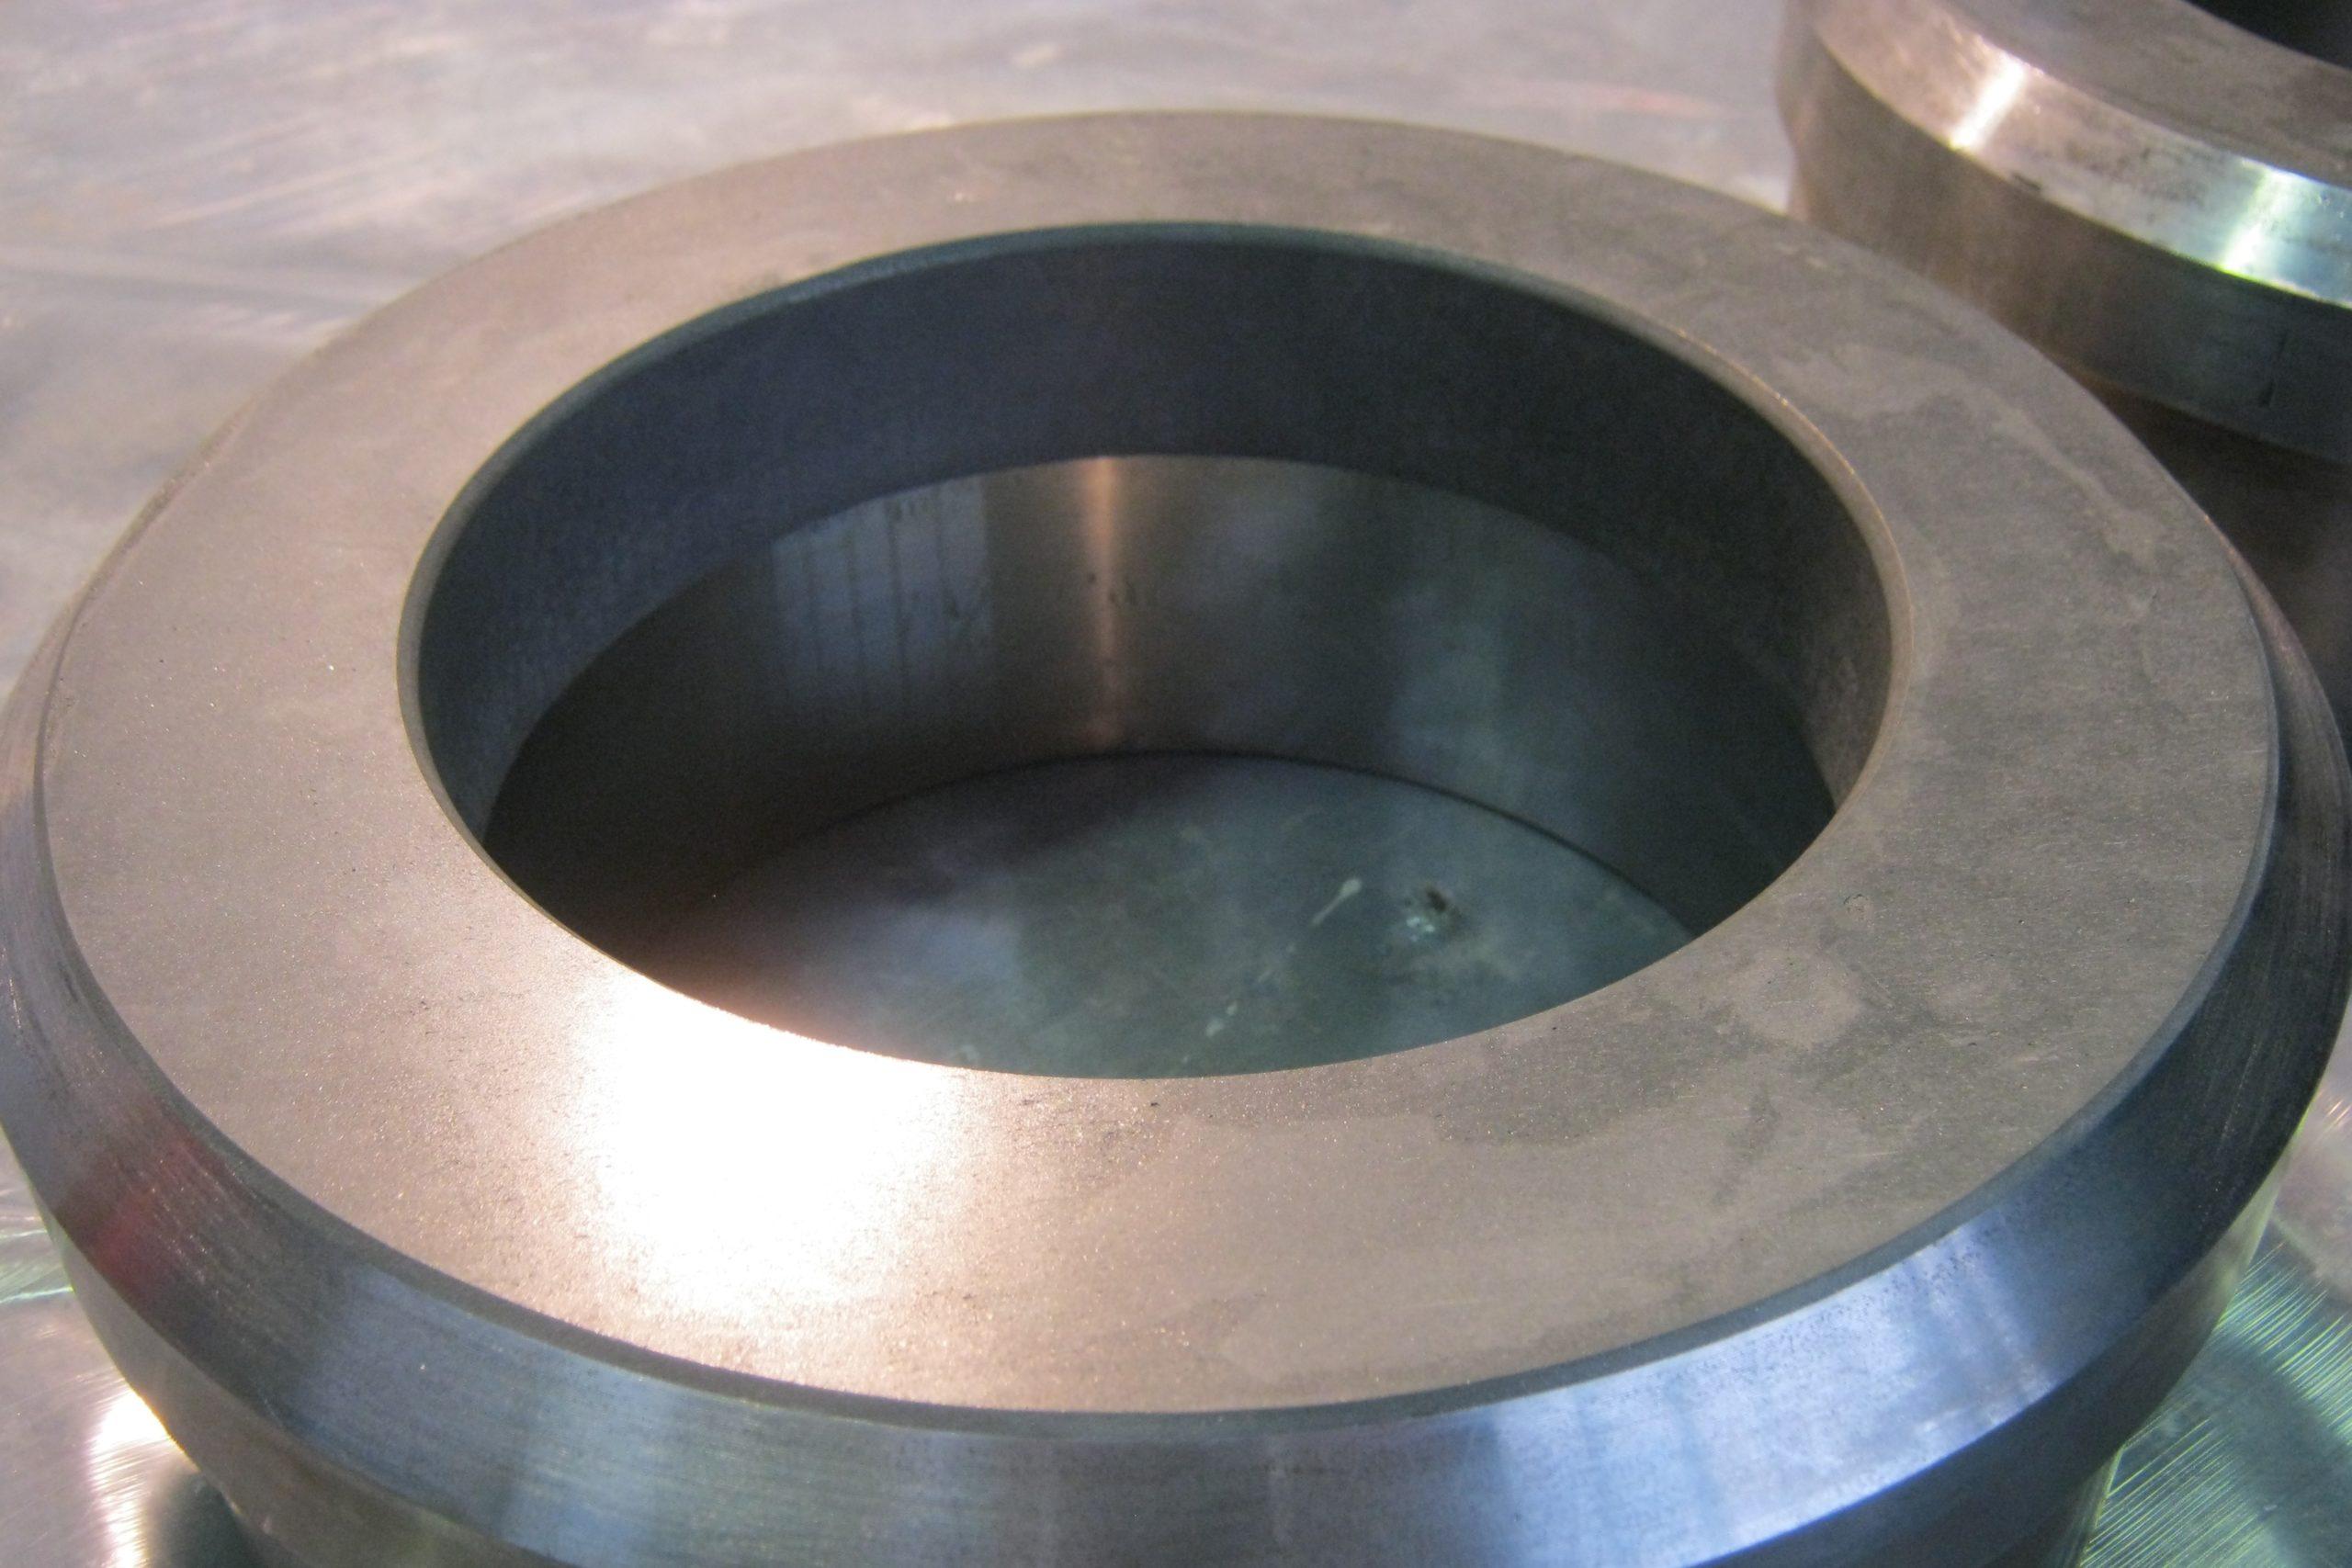 Belzona 1131 - Lavorazione meccanica superifici di accoppiamento 2